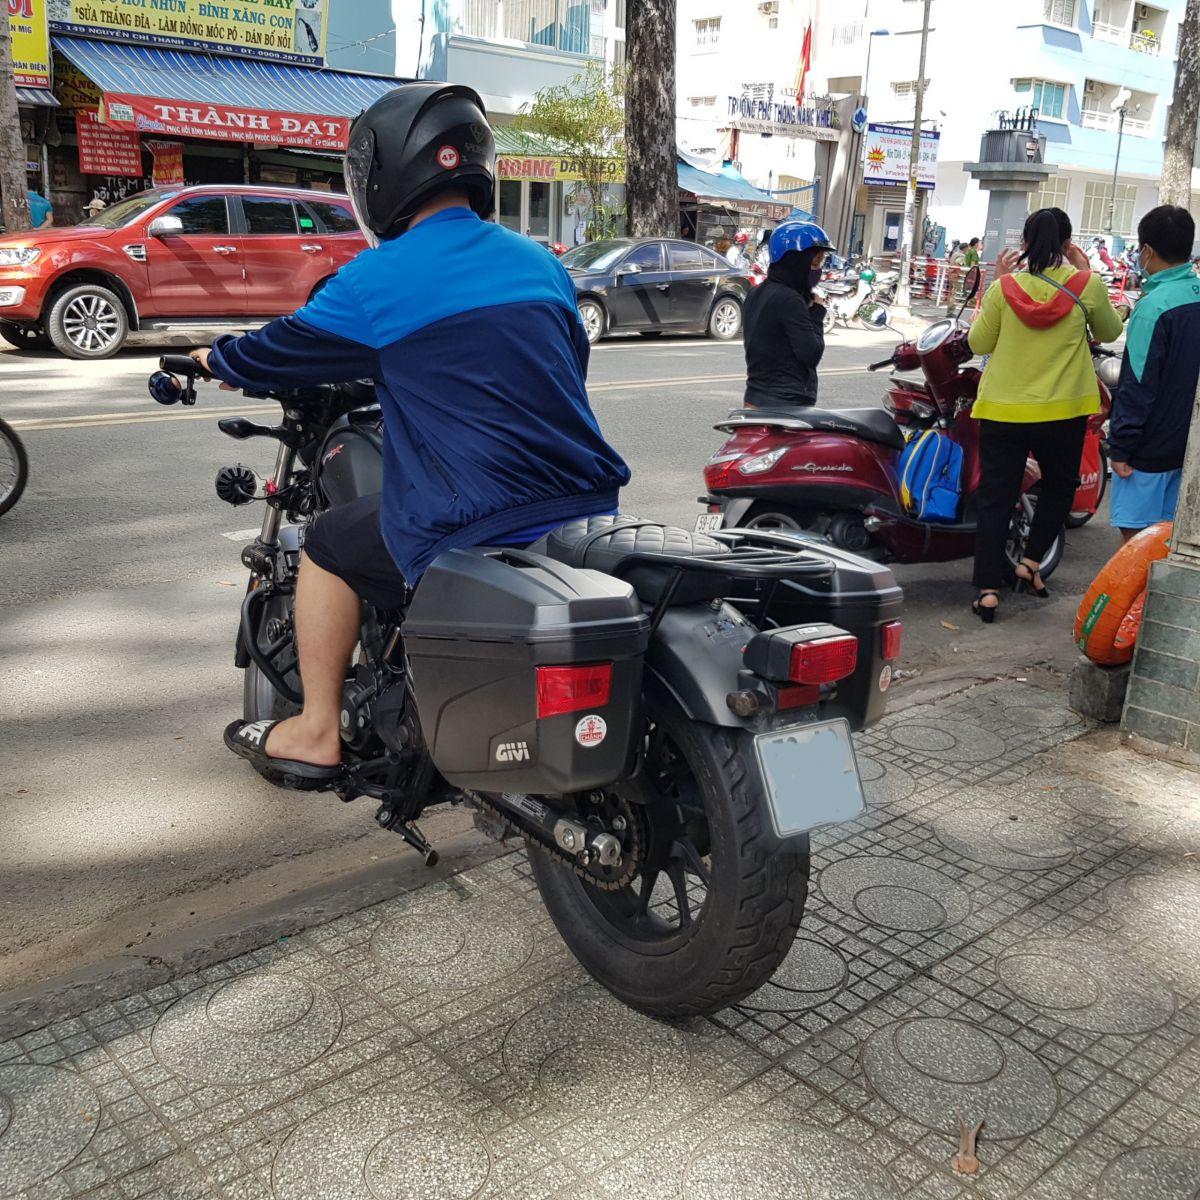 Thung-hong-givi-e22n-xe-honda-rebell-300-20